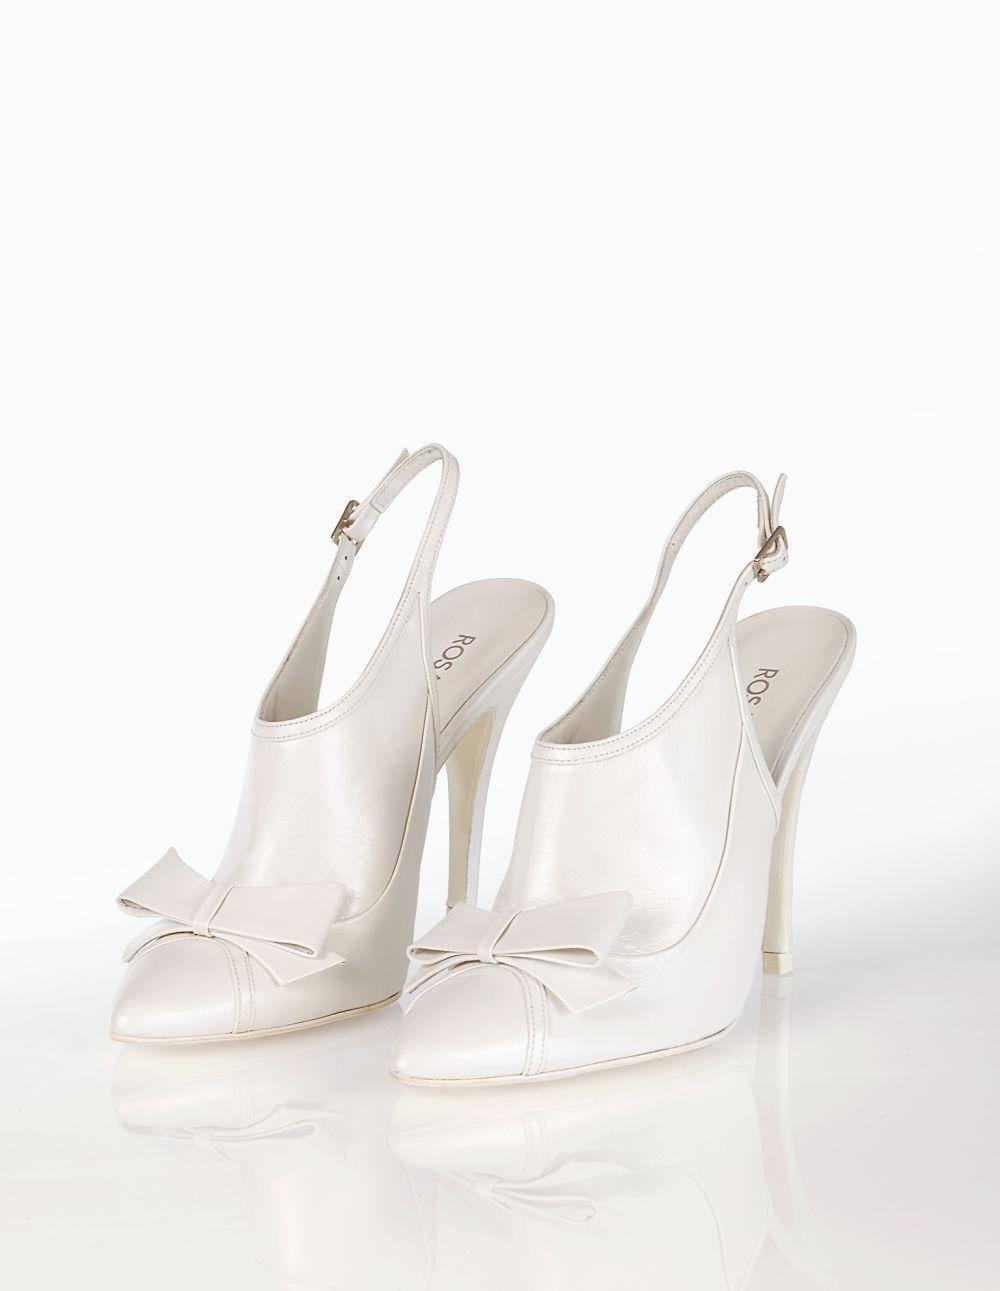 Свадебные туфли. 145 фотографий модной обуви для невесты. | raznoblog - сайт для женщин и мужчин